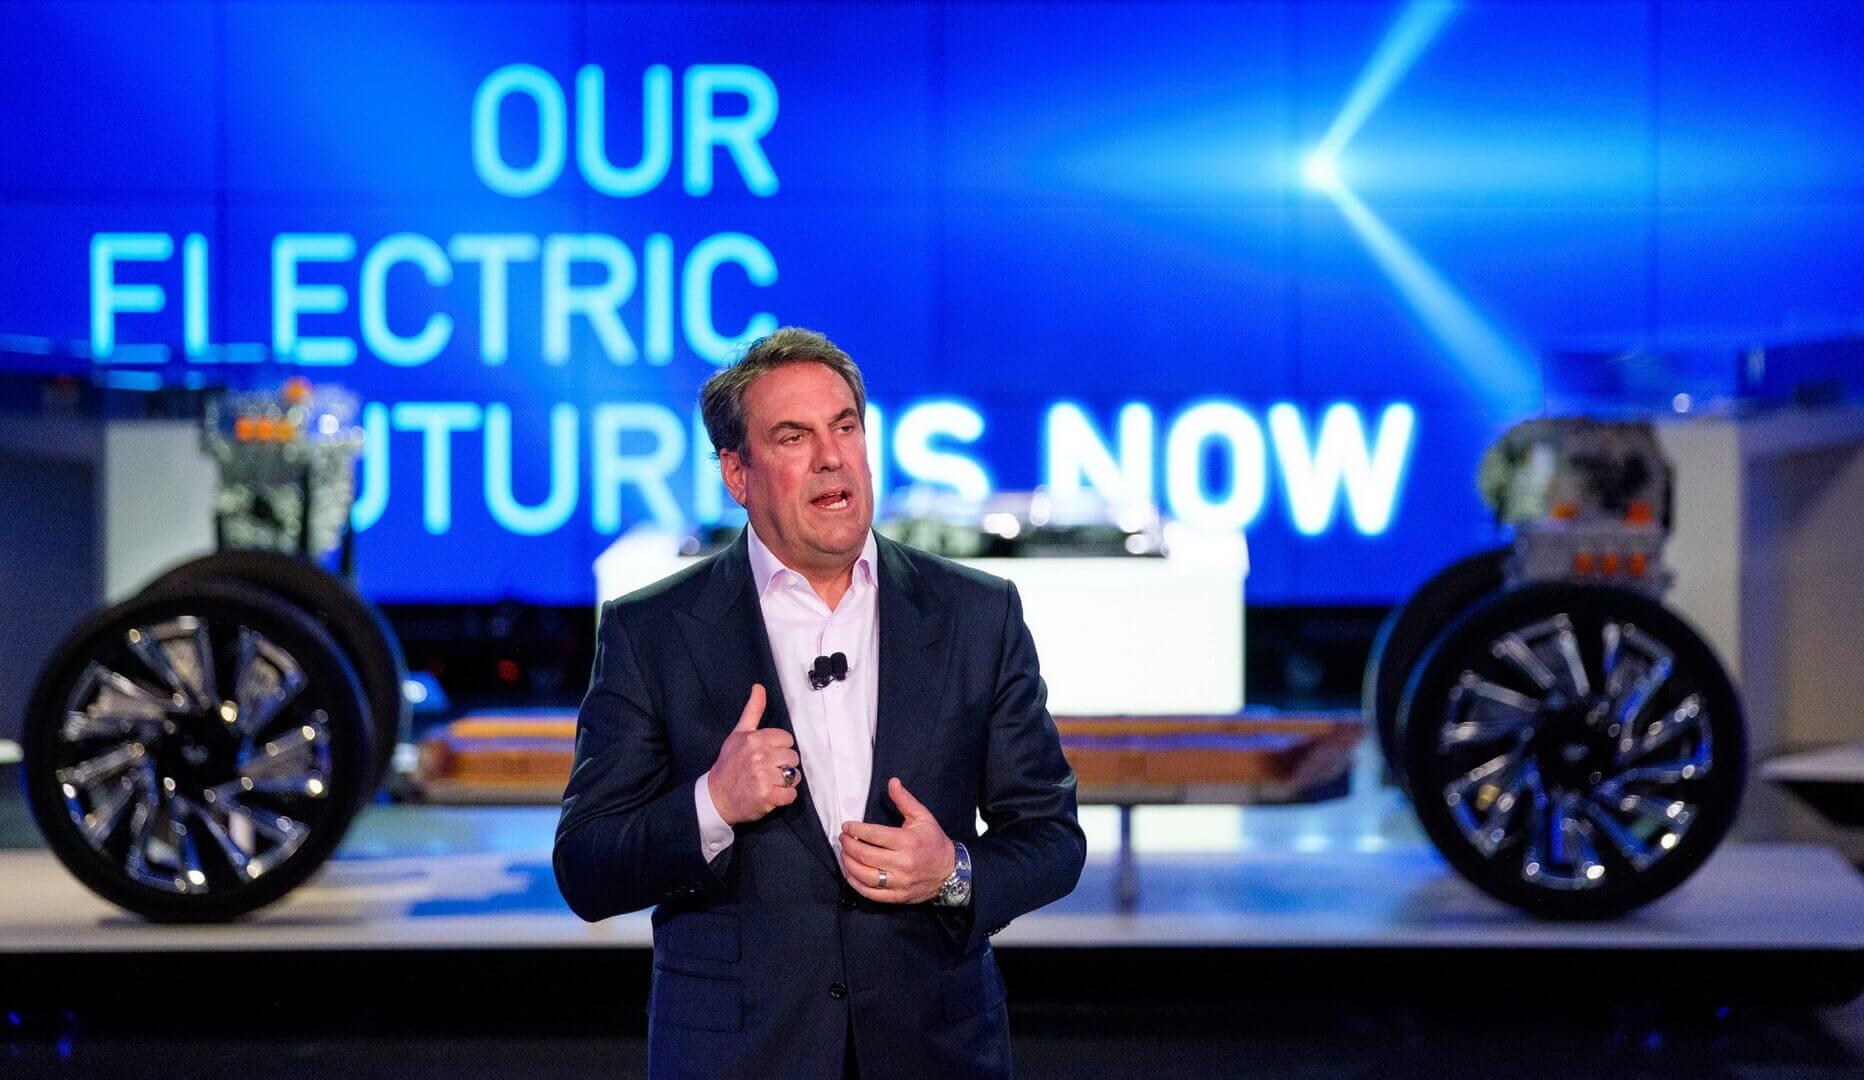 Президент General Motors Марк Ройс выступает на мероприятии, на котором подробно рассказывает о будущих электромобилях GM